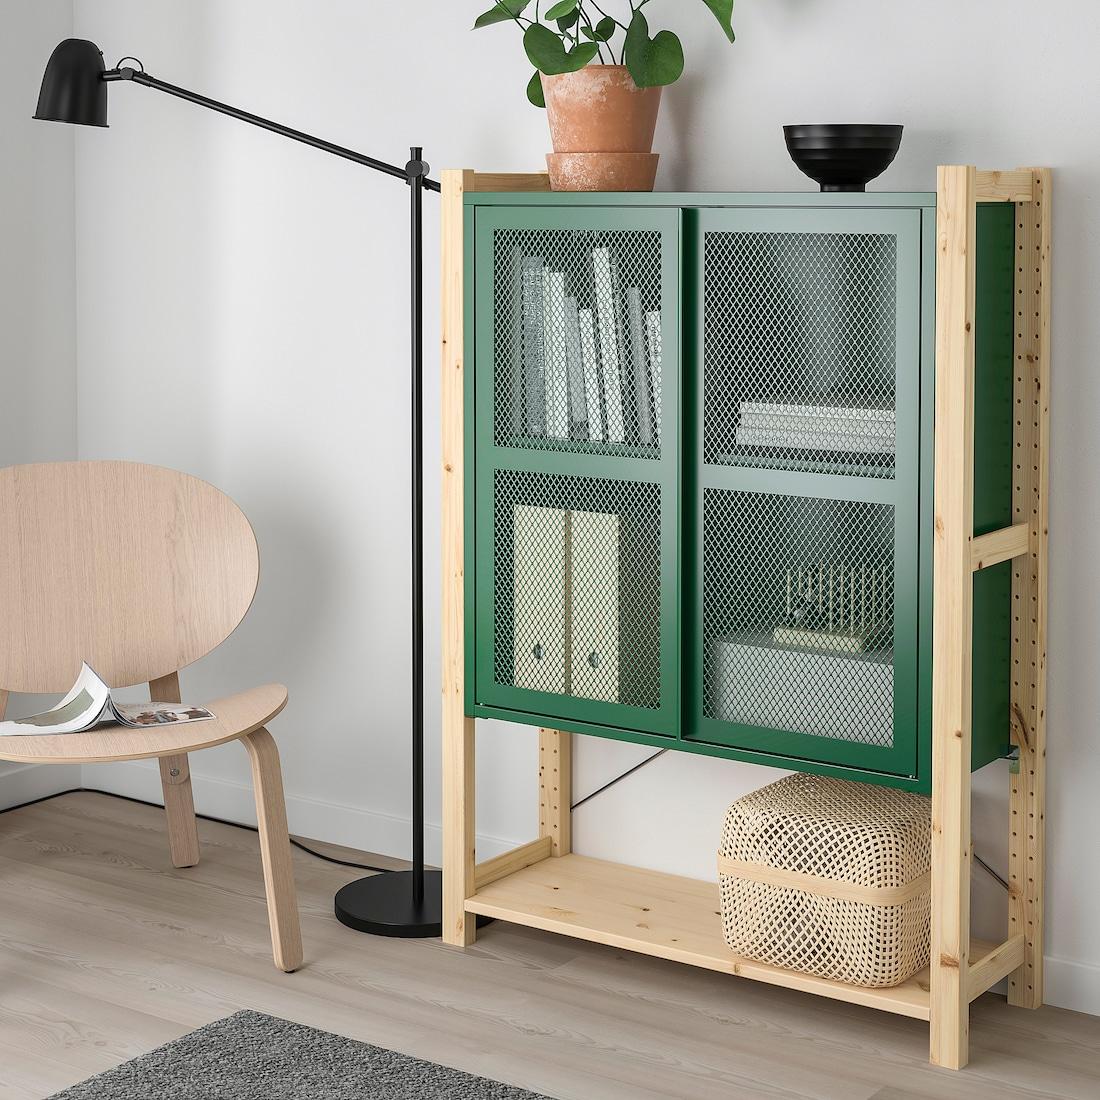 IVAR 1 Elem/Böden/Schrank - Kiefer/grün Netz - IKEA Schweiz